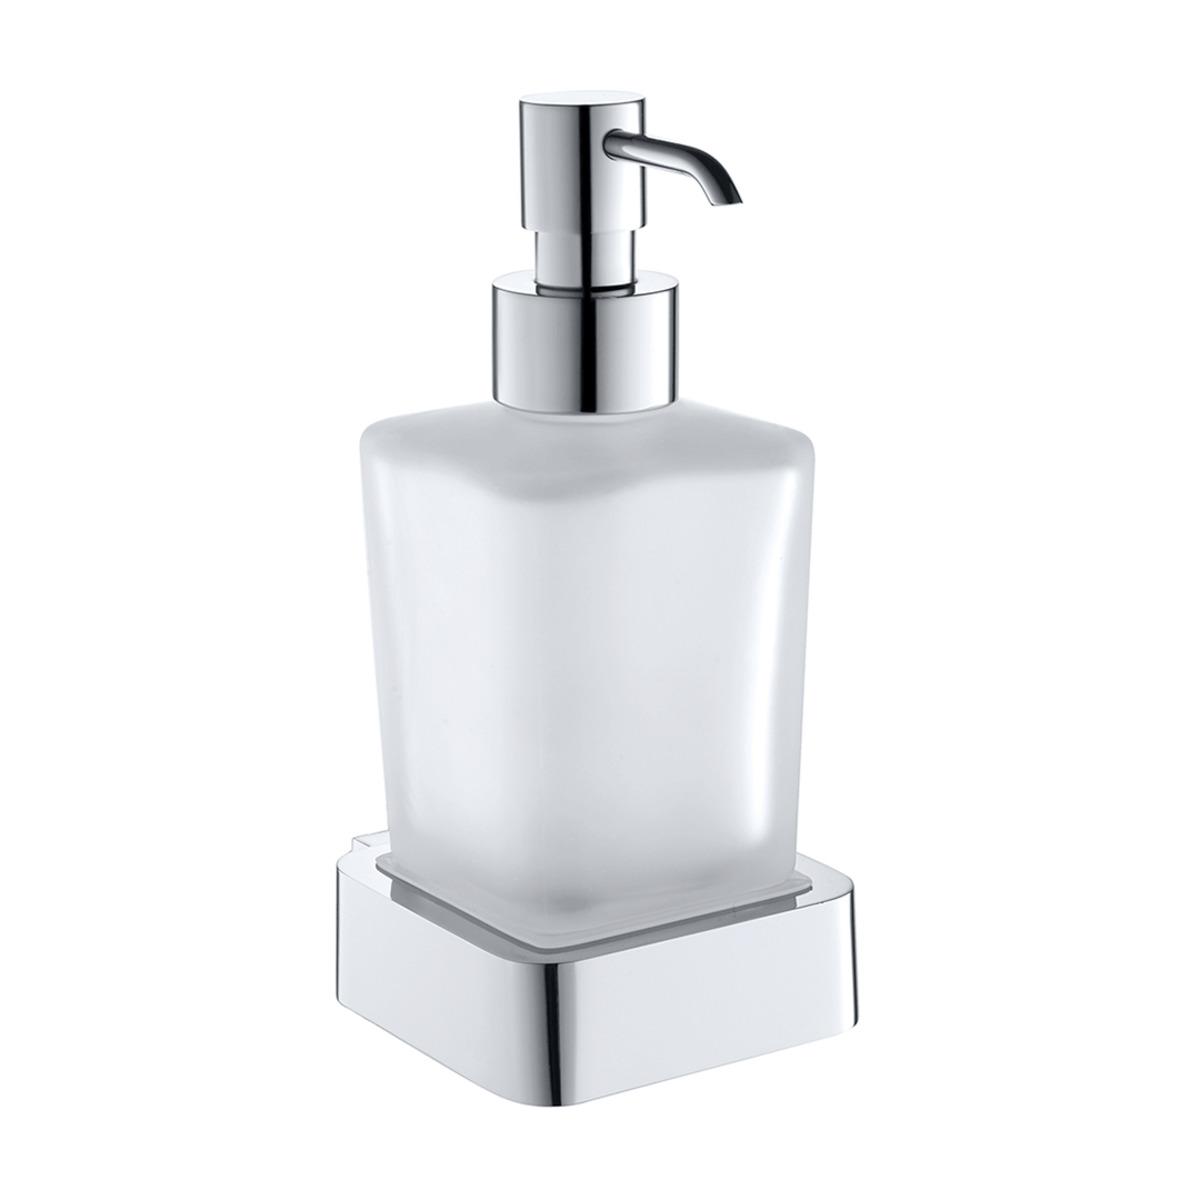 Dávkovač mýdla Bemeta SOLO chrom 139109042